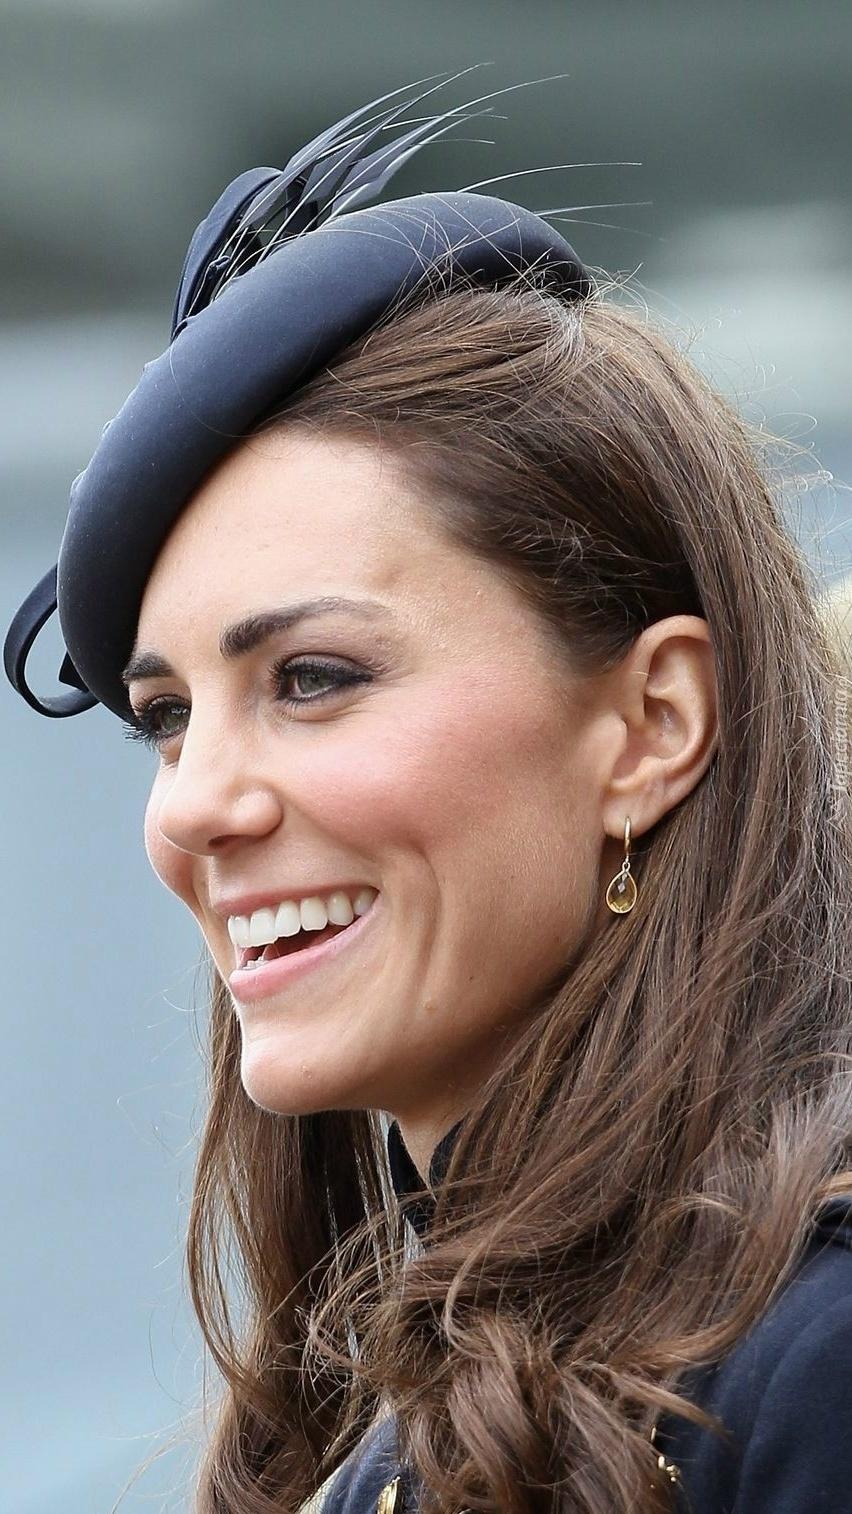 Księżna Catherine Elizabeth Middleton